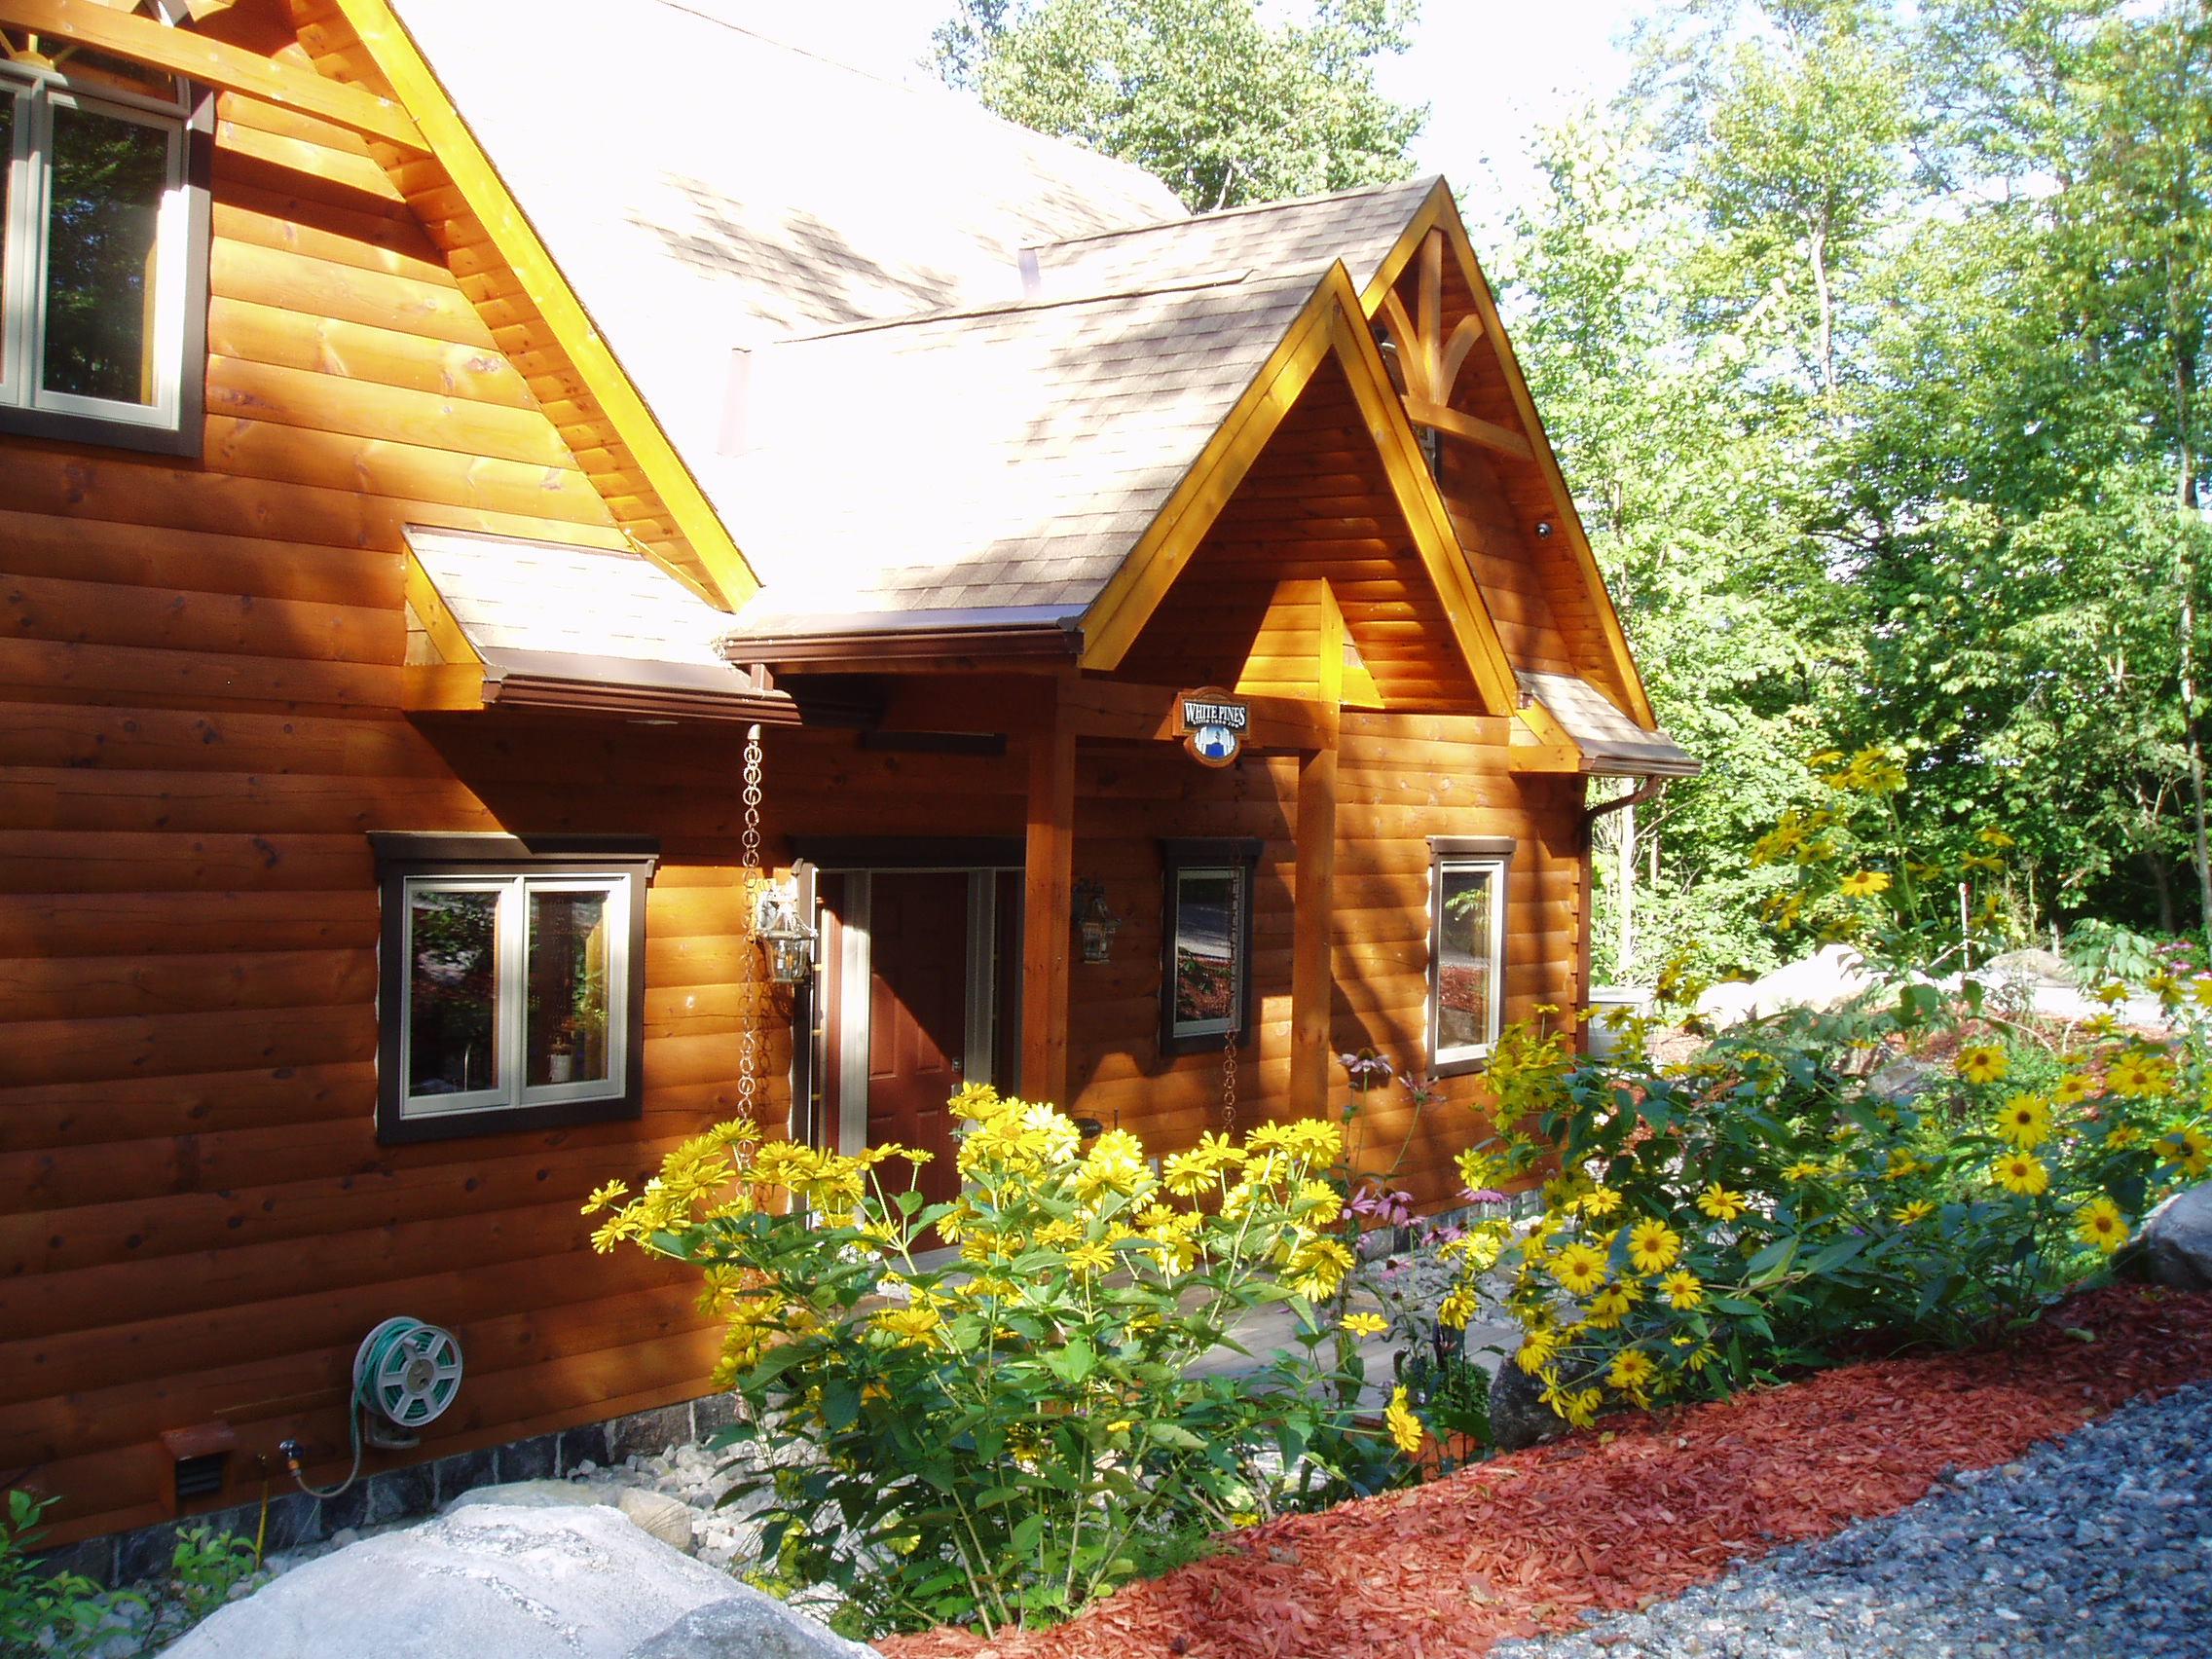 bay charm cottage luxury cottages s muskoka friendly kid east rentals jayne jaynes lake